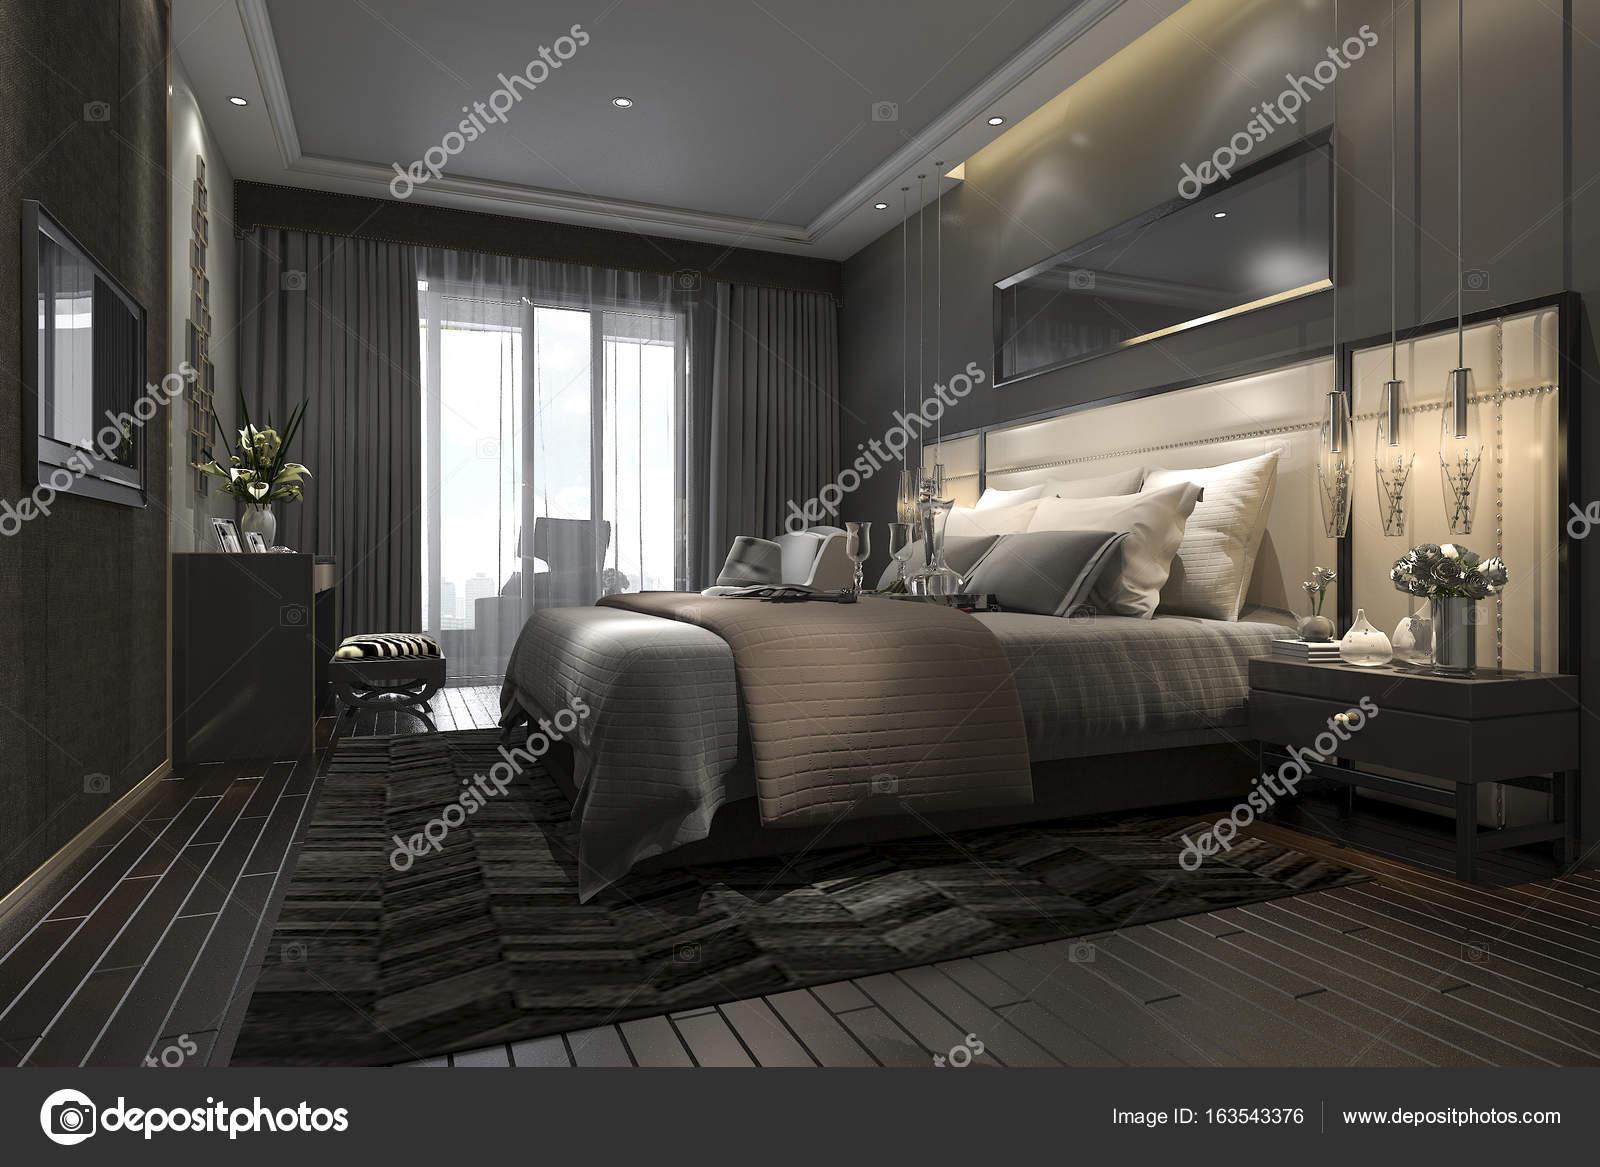 De Haute Qualite Design 3D Rendu Intérieur Et Extérieur U2014 Image De ...